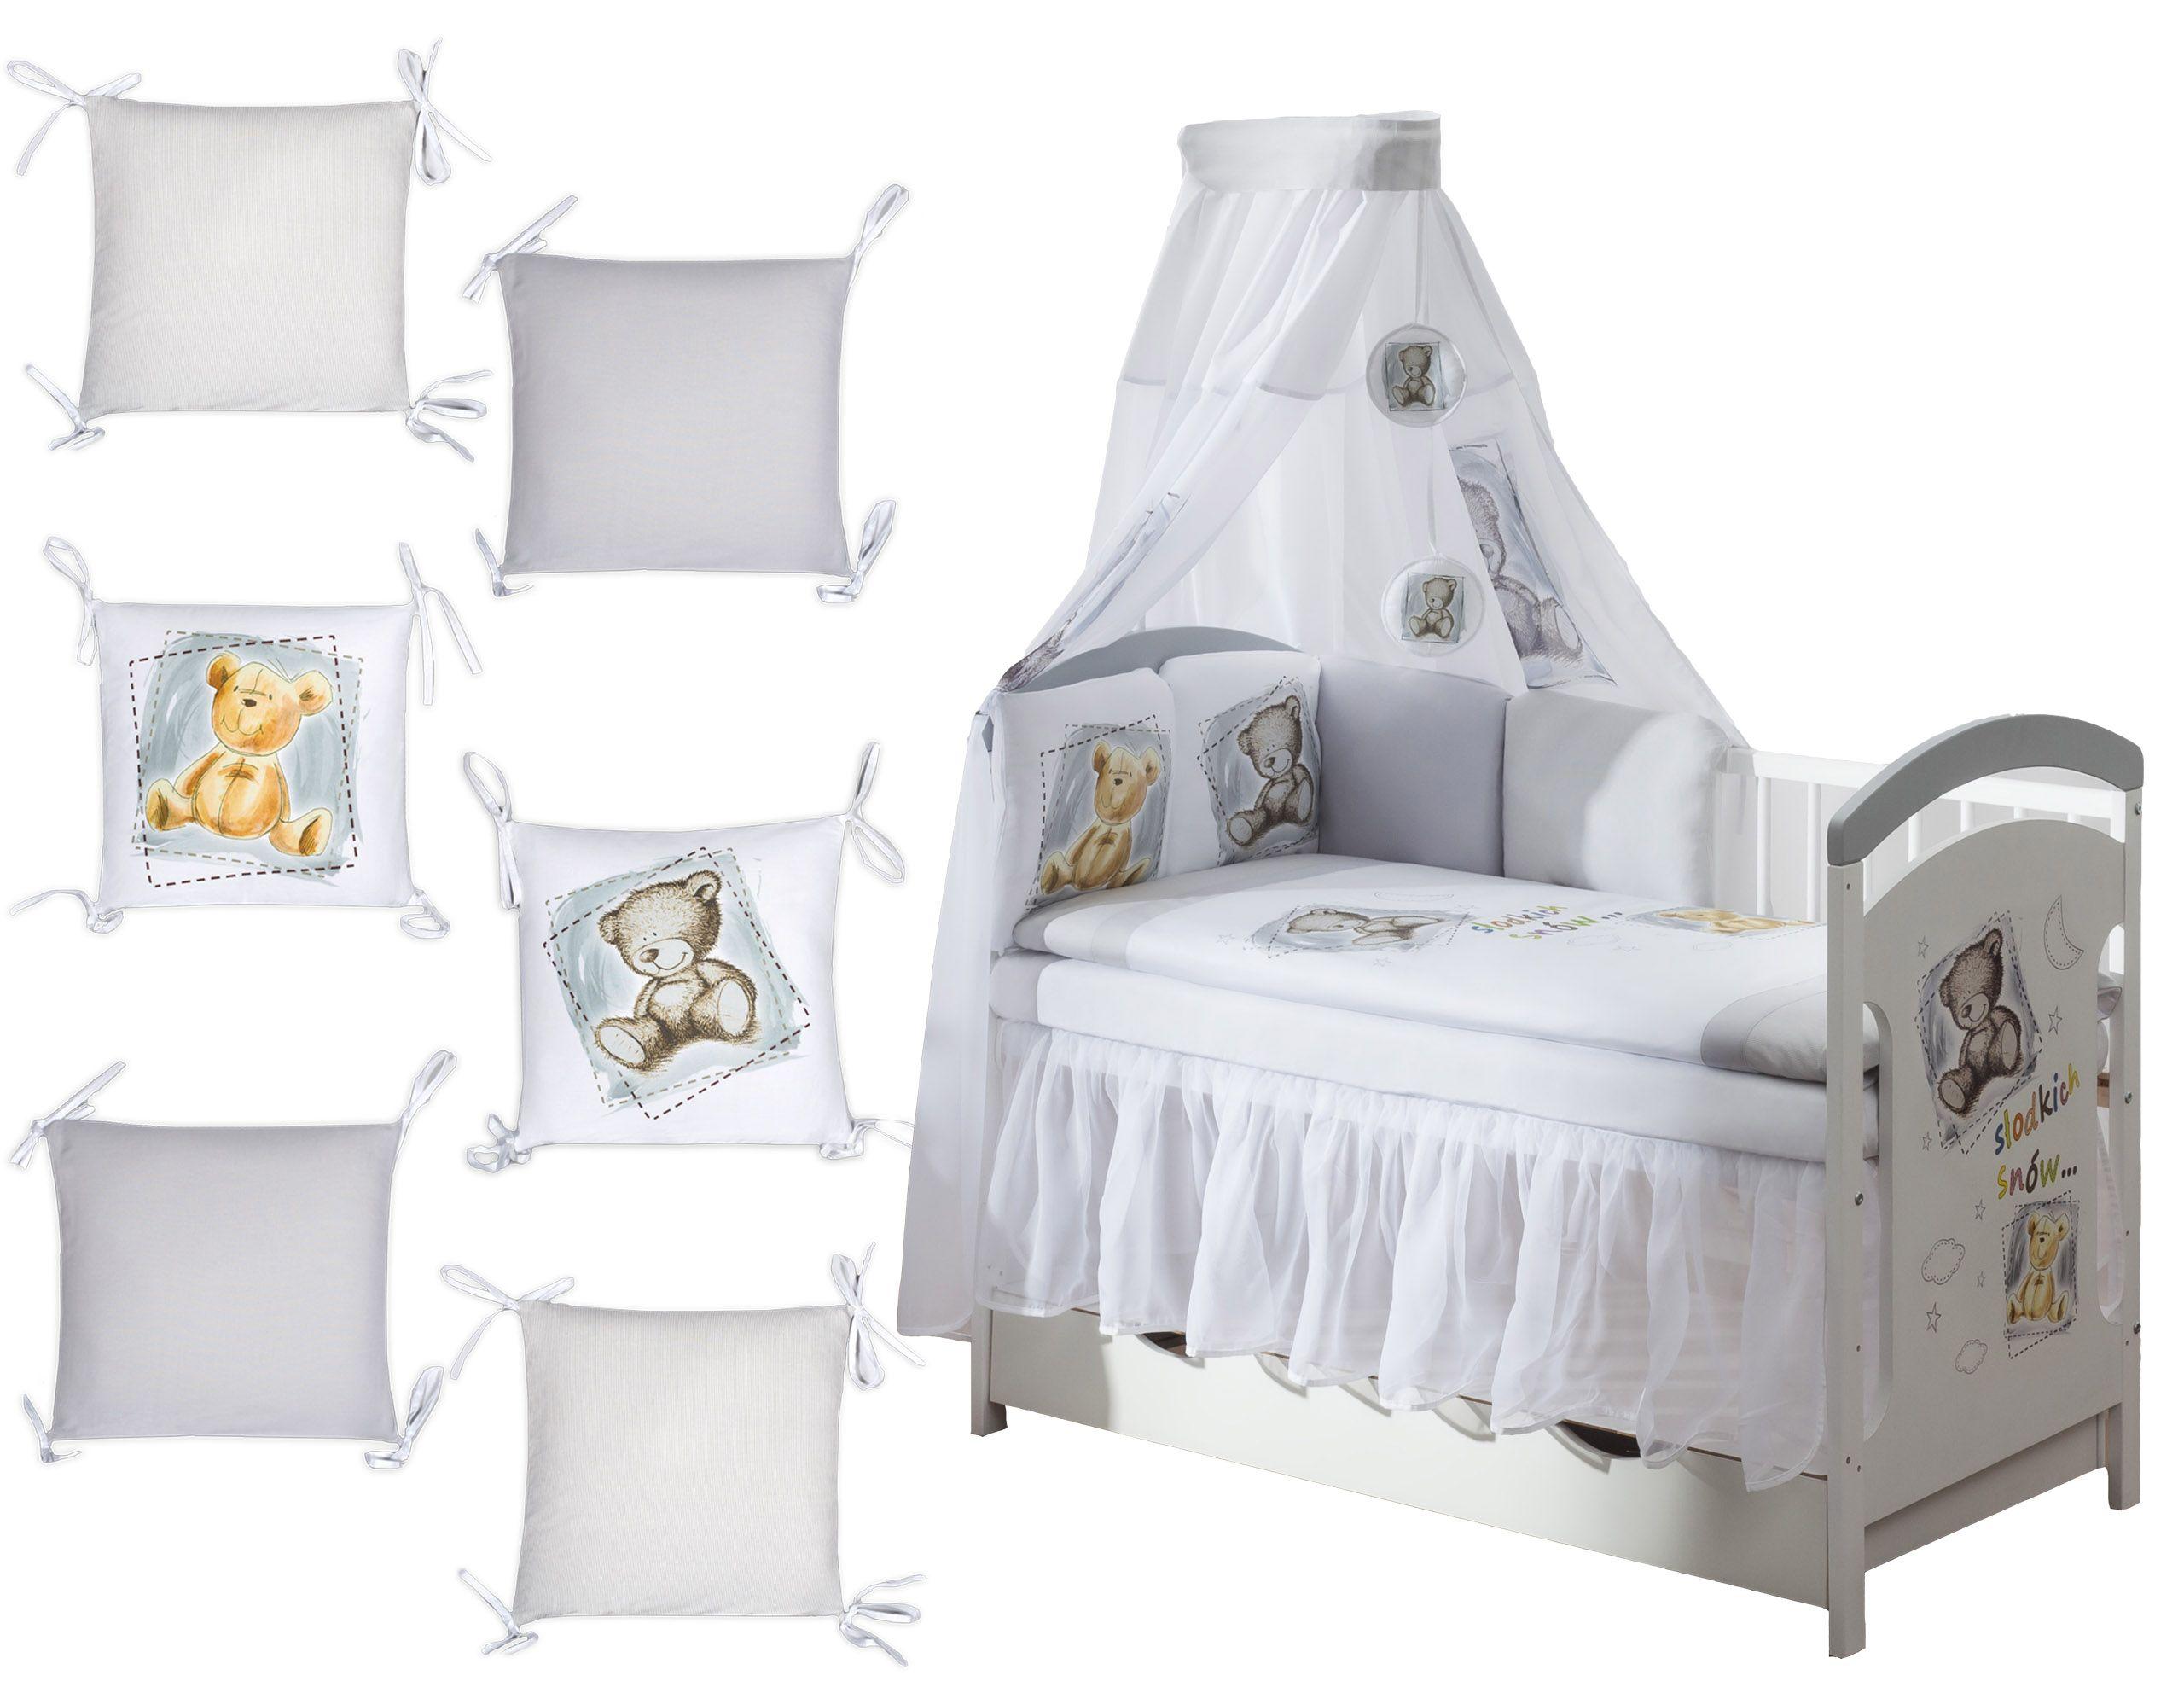 Ochraniacz Poduszkowy Modulowy 12 Cz Do Lozeczka 7494742023 Oficjalne Archiwum Allegro Toddler Bed Home Decor Bed